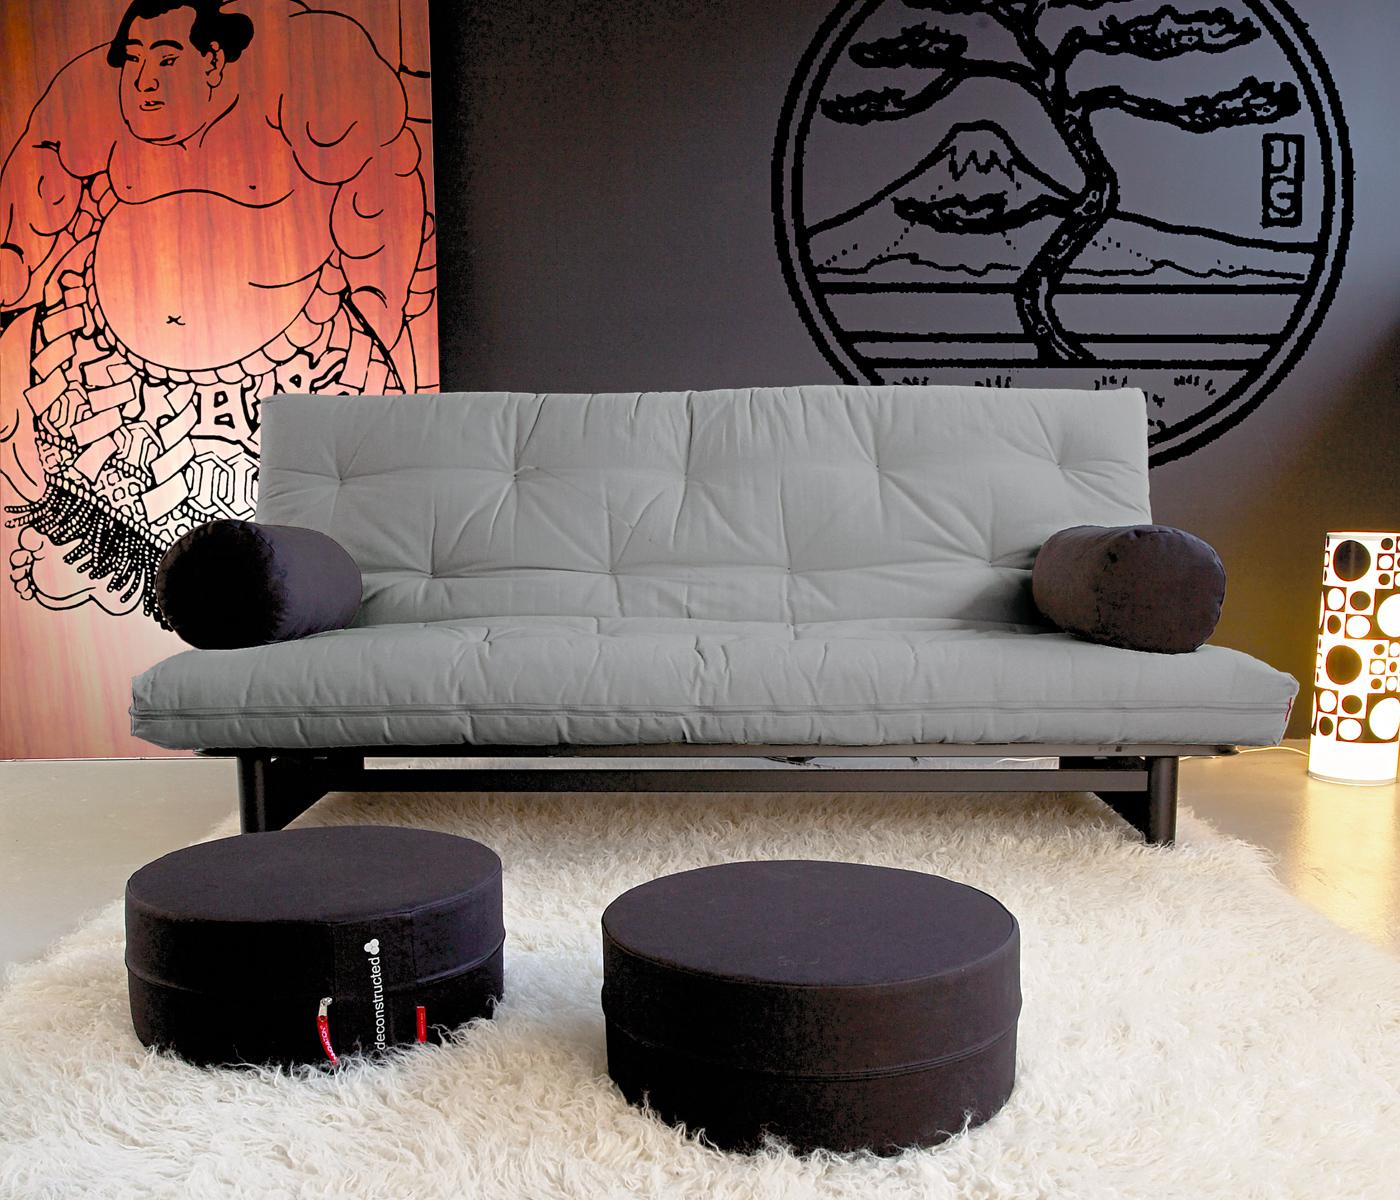 moderne schlafsofa modernes haus moderne schlafsofa moderne schlafsofas moderne schlafsofas. Black Bedroom Furniture Sets. Home Design Ideas